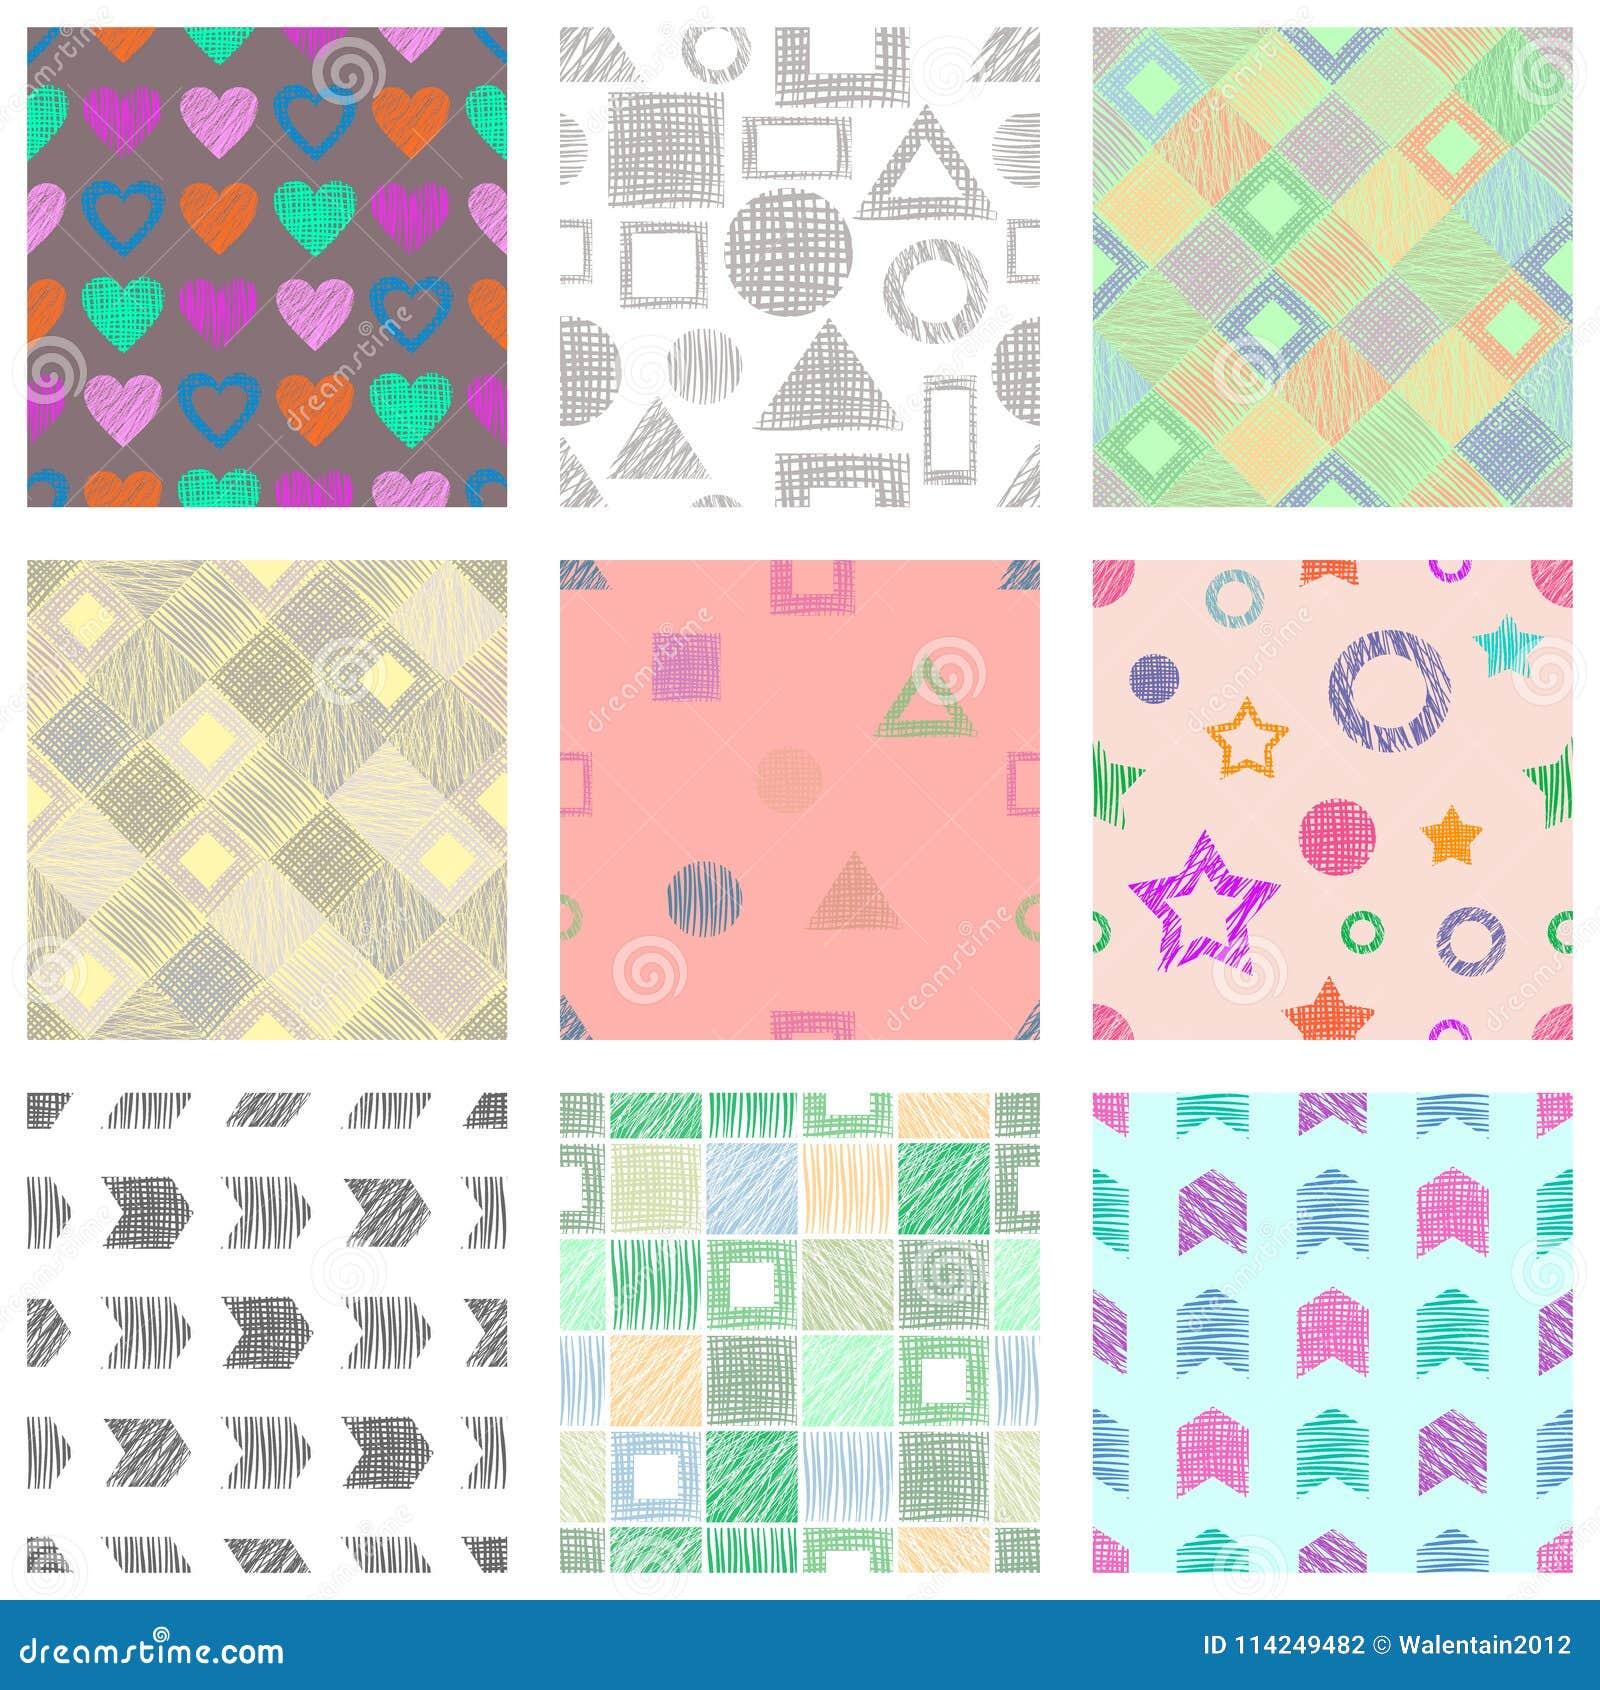 a9d26c4a7 Ensemble de modèles géométriques de vecteur sans couture avec différents  chiffres géométriques